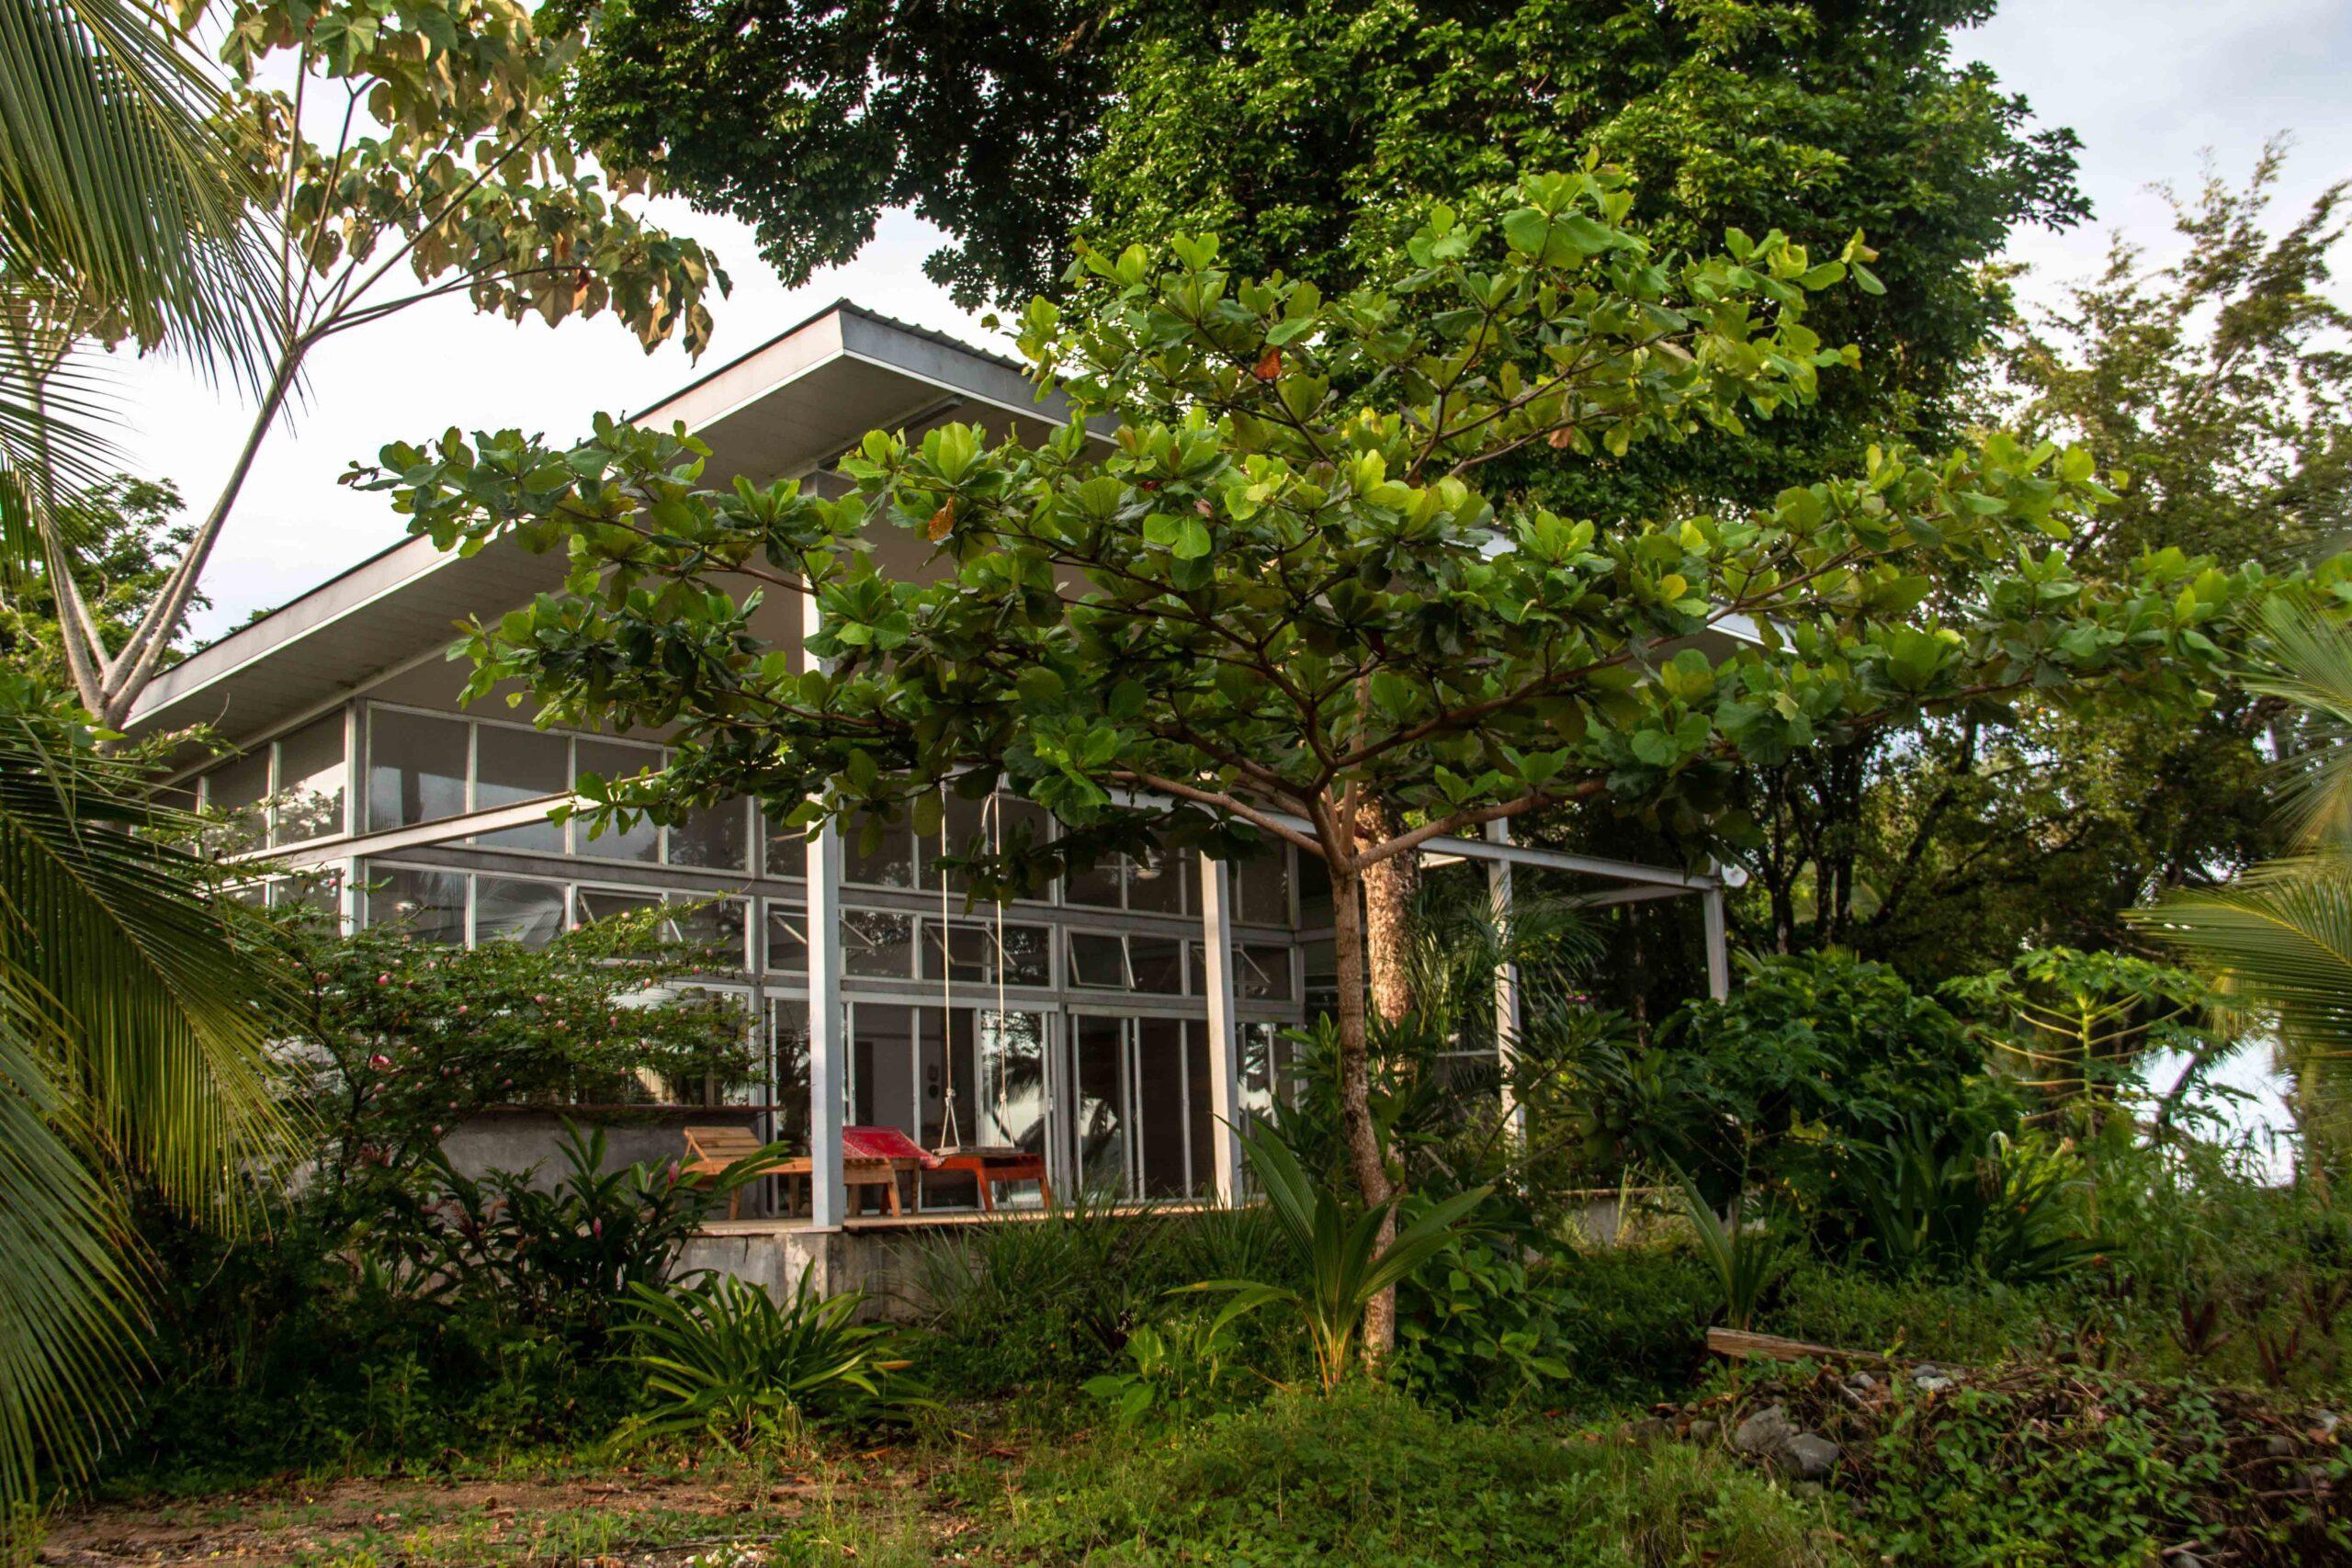 Casa Comunal garden in Bocas del Toro